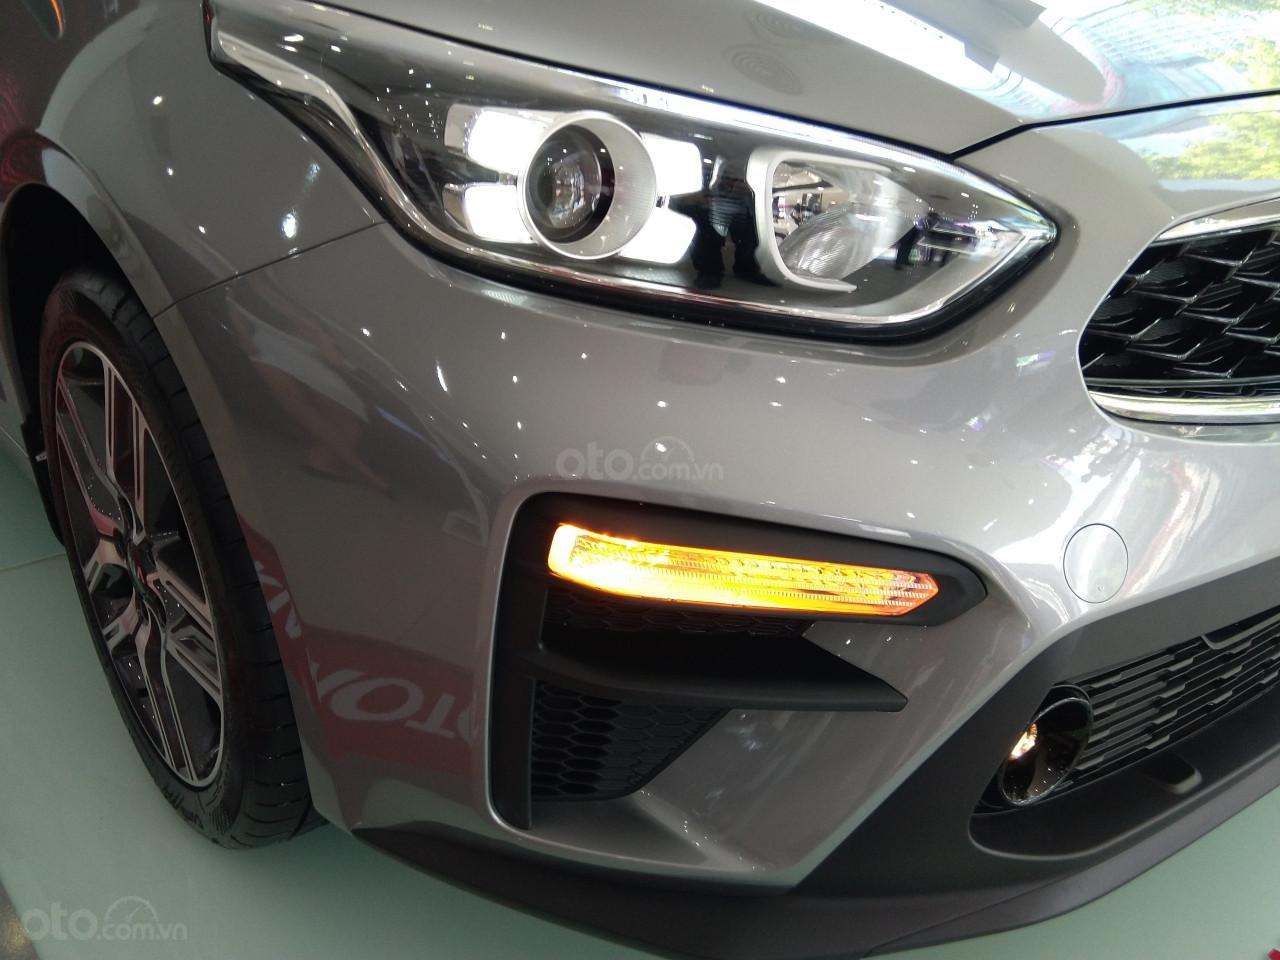 Bán xe Kia Cerato đời 2019, màu bạc giá cạnh tranh-1